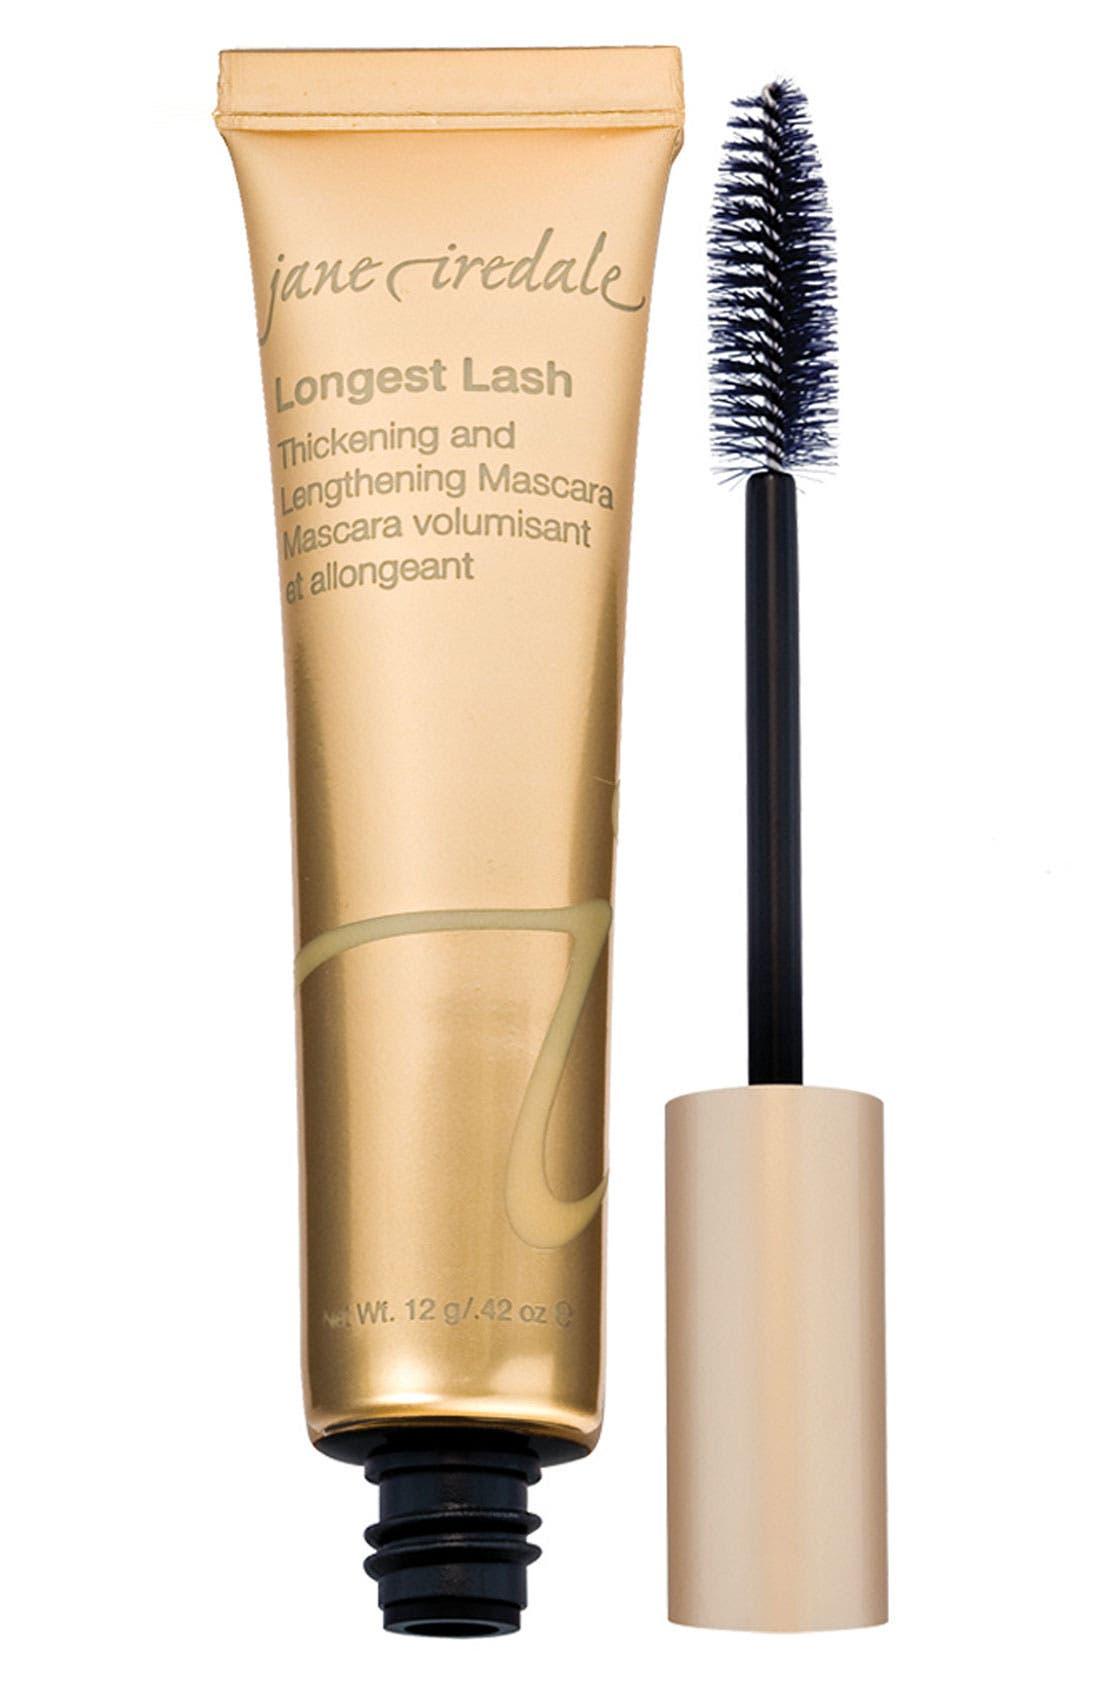 jane iredale Longest Lash Thickening & Lengthening Mascara